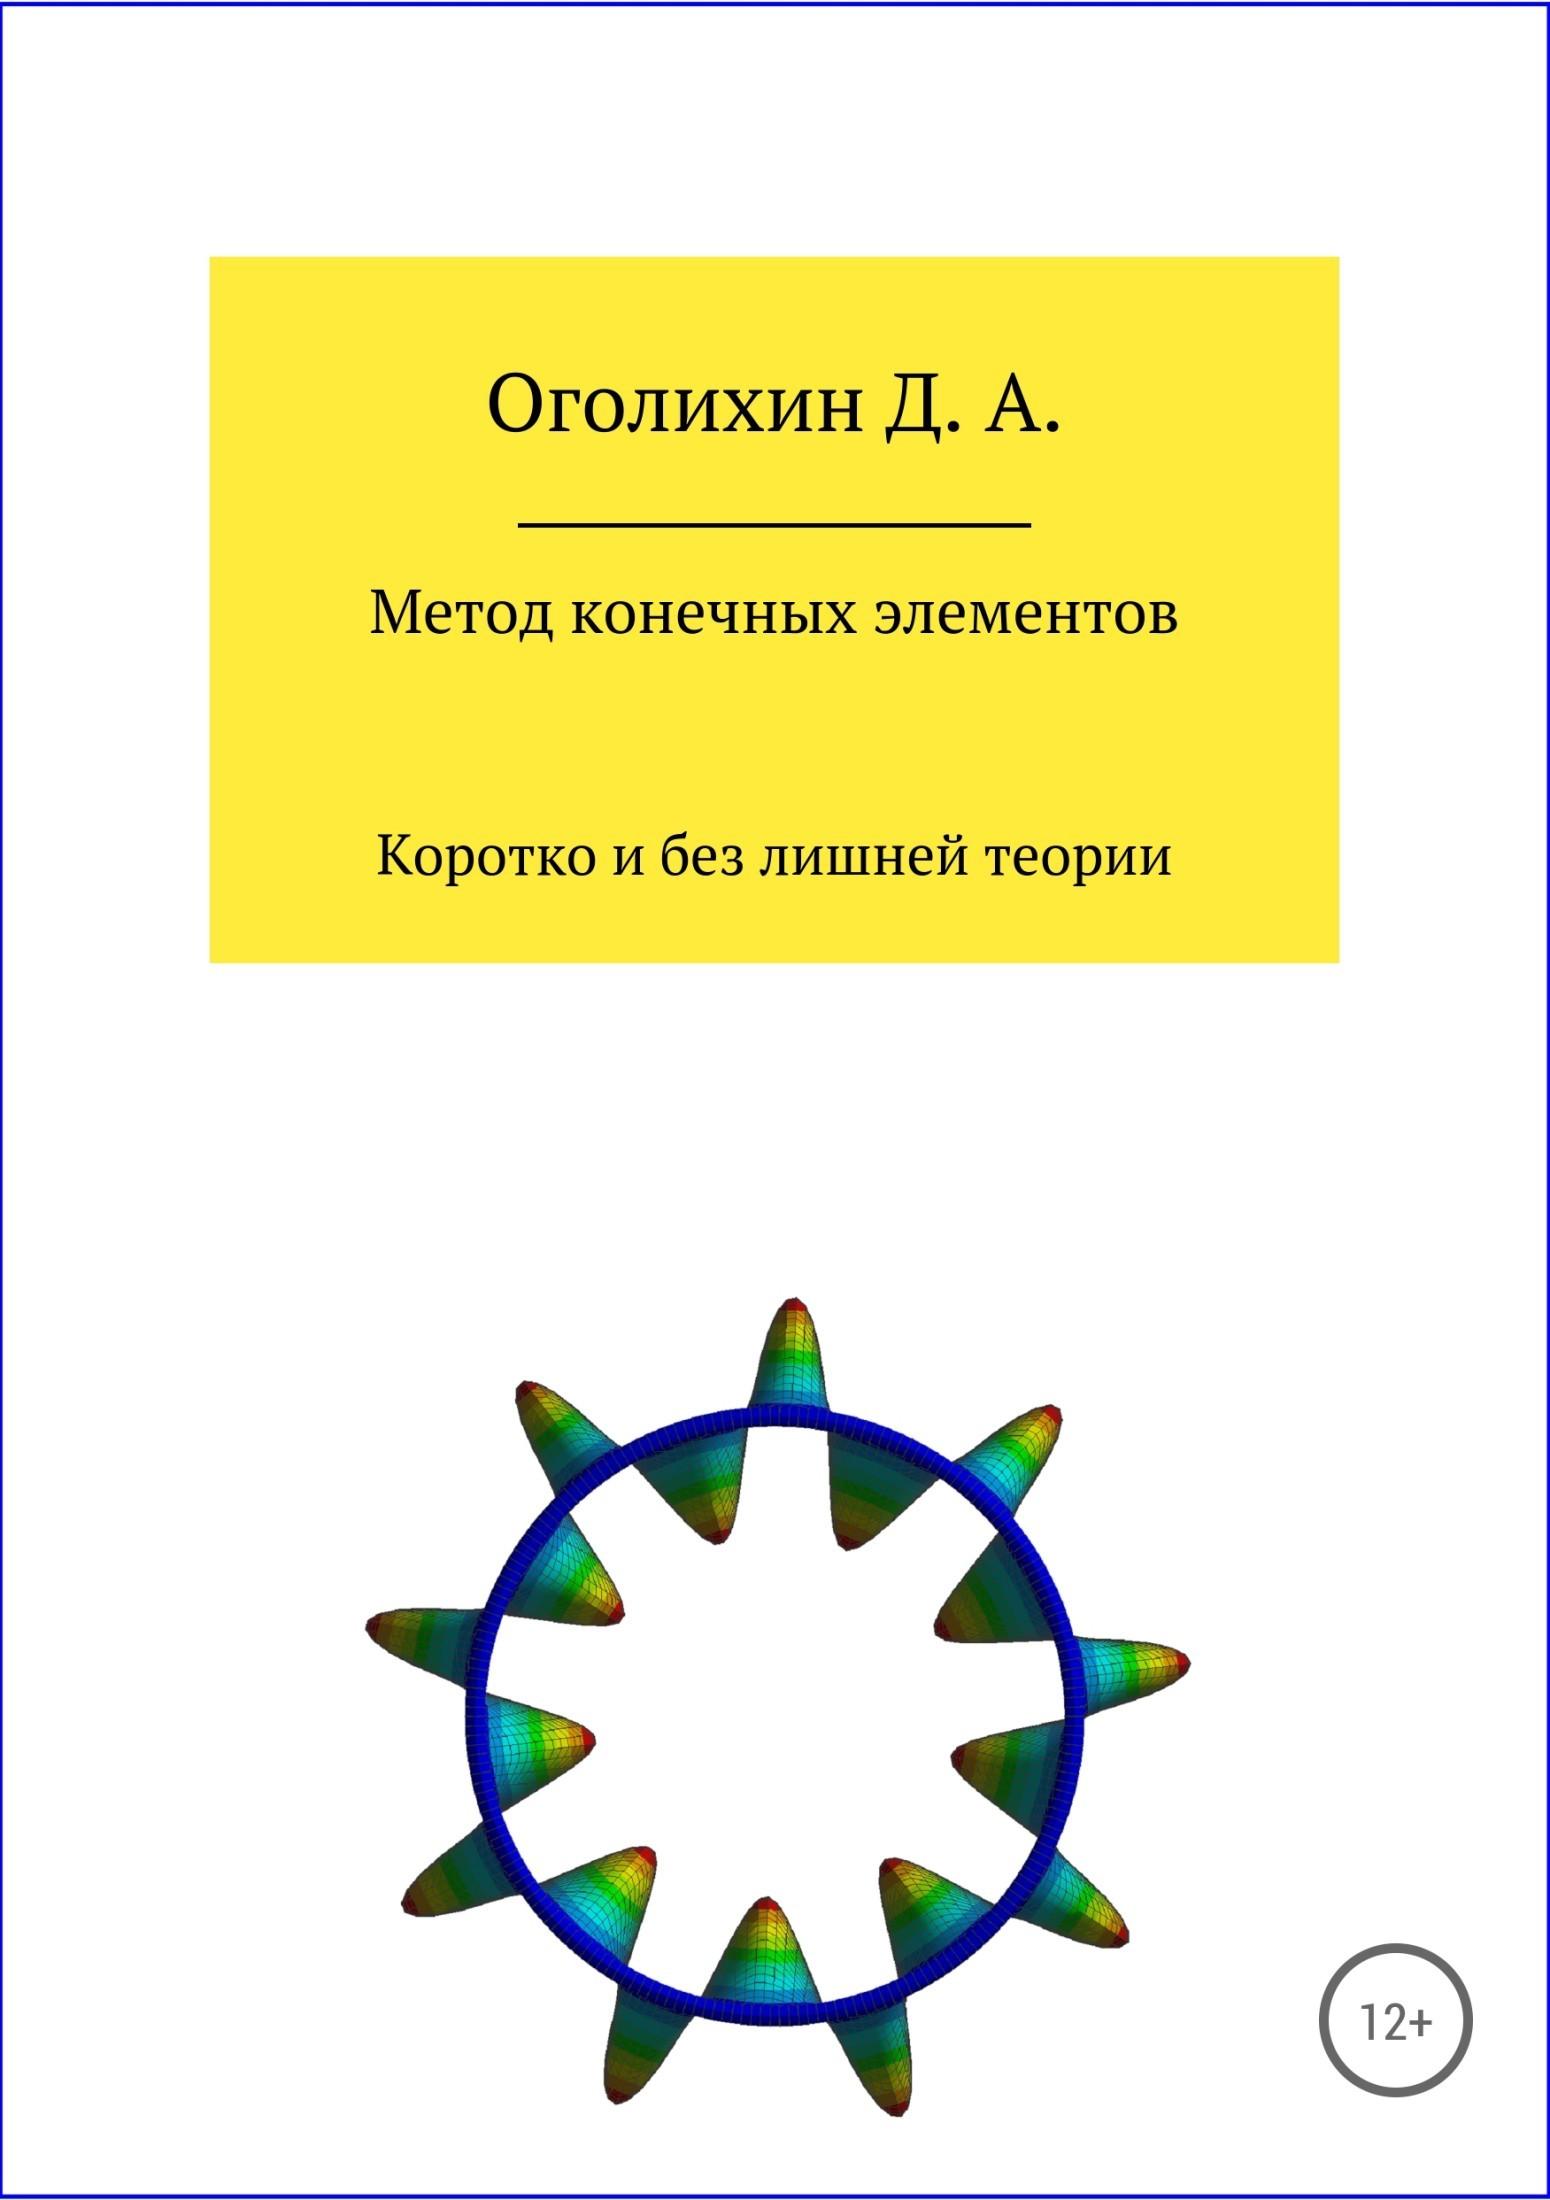 Дмитрий Альбертович Оголихин Метод конечных элементов